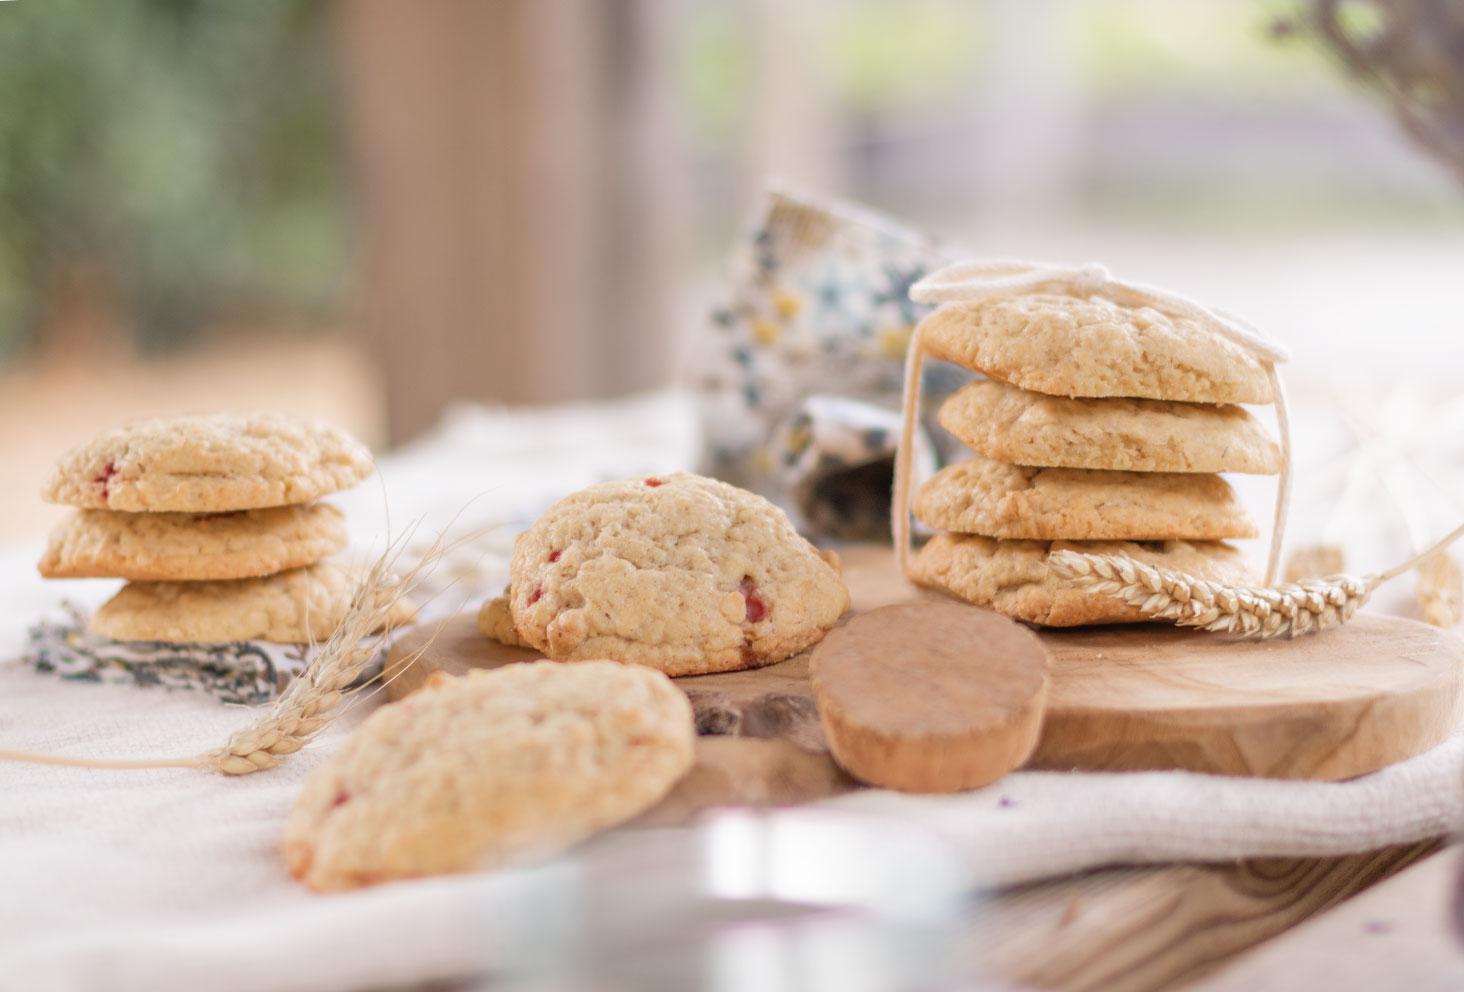 Plusieurs cookies fourrés à la fraise et aux oléagineux sur une planche en bois au milieu d'épis de blé séché